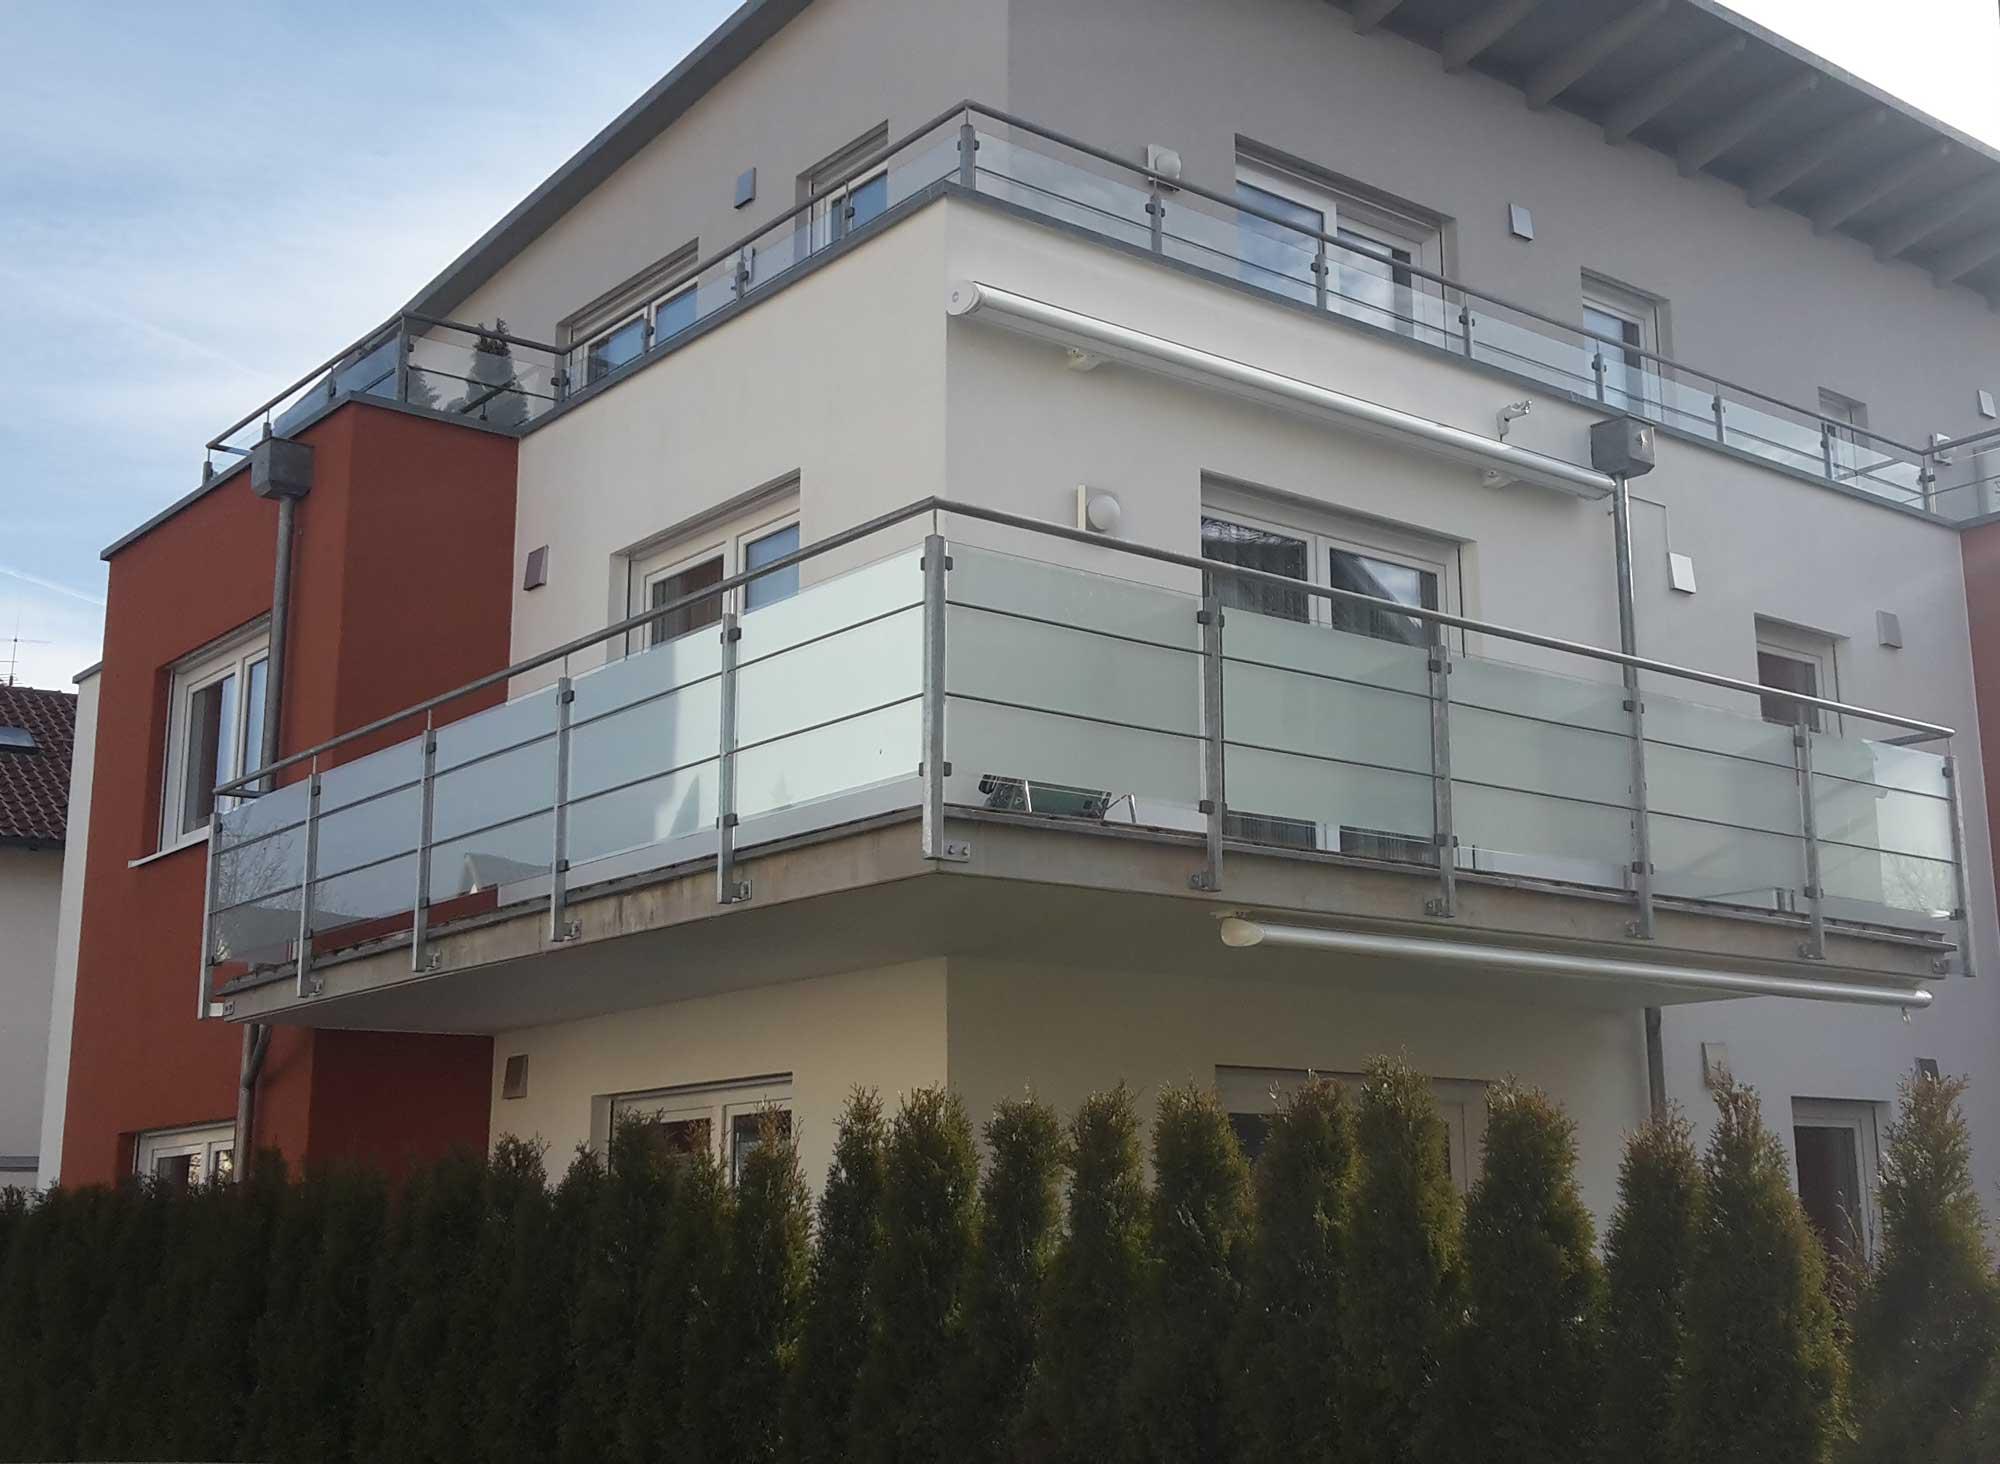 Glasdekor--Sichtschutz--folie-Balkon-1_s.jpg